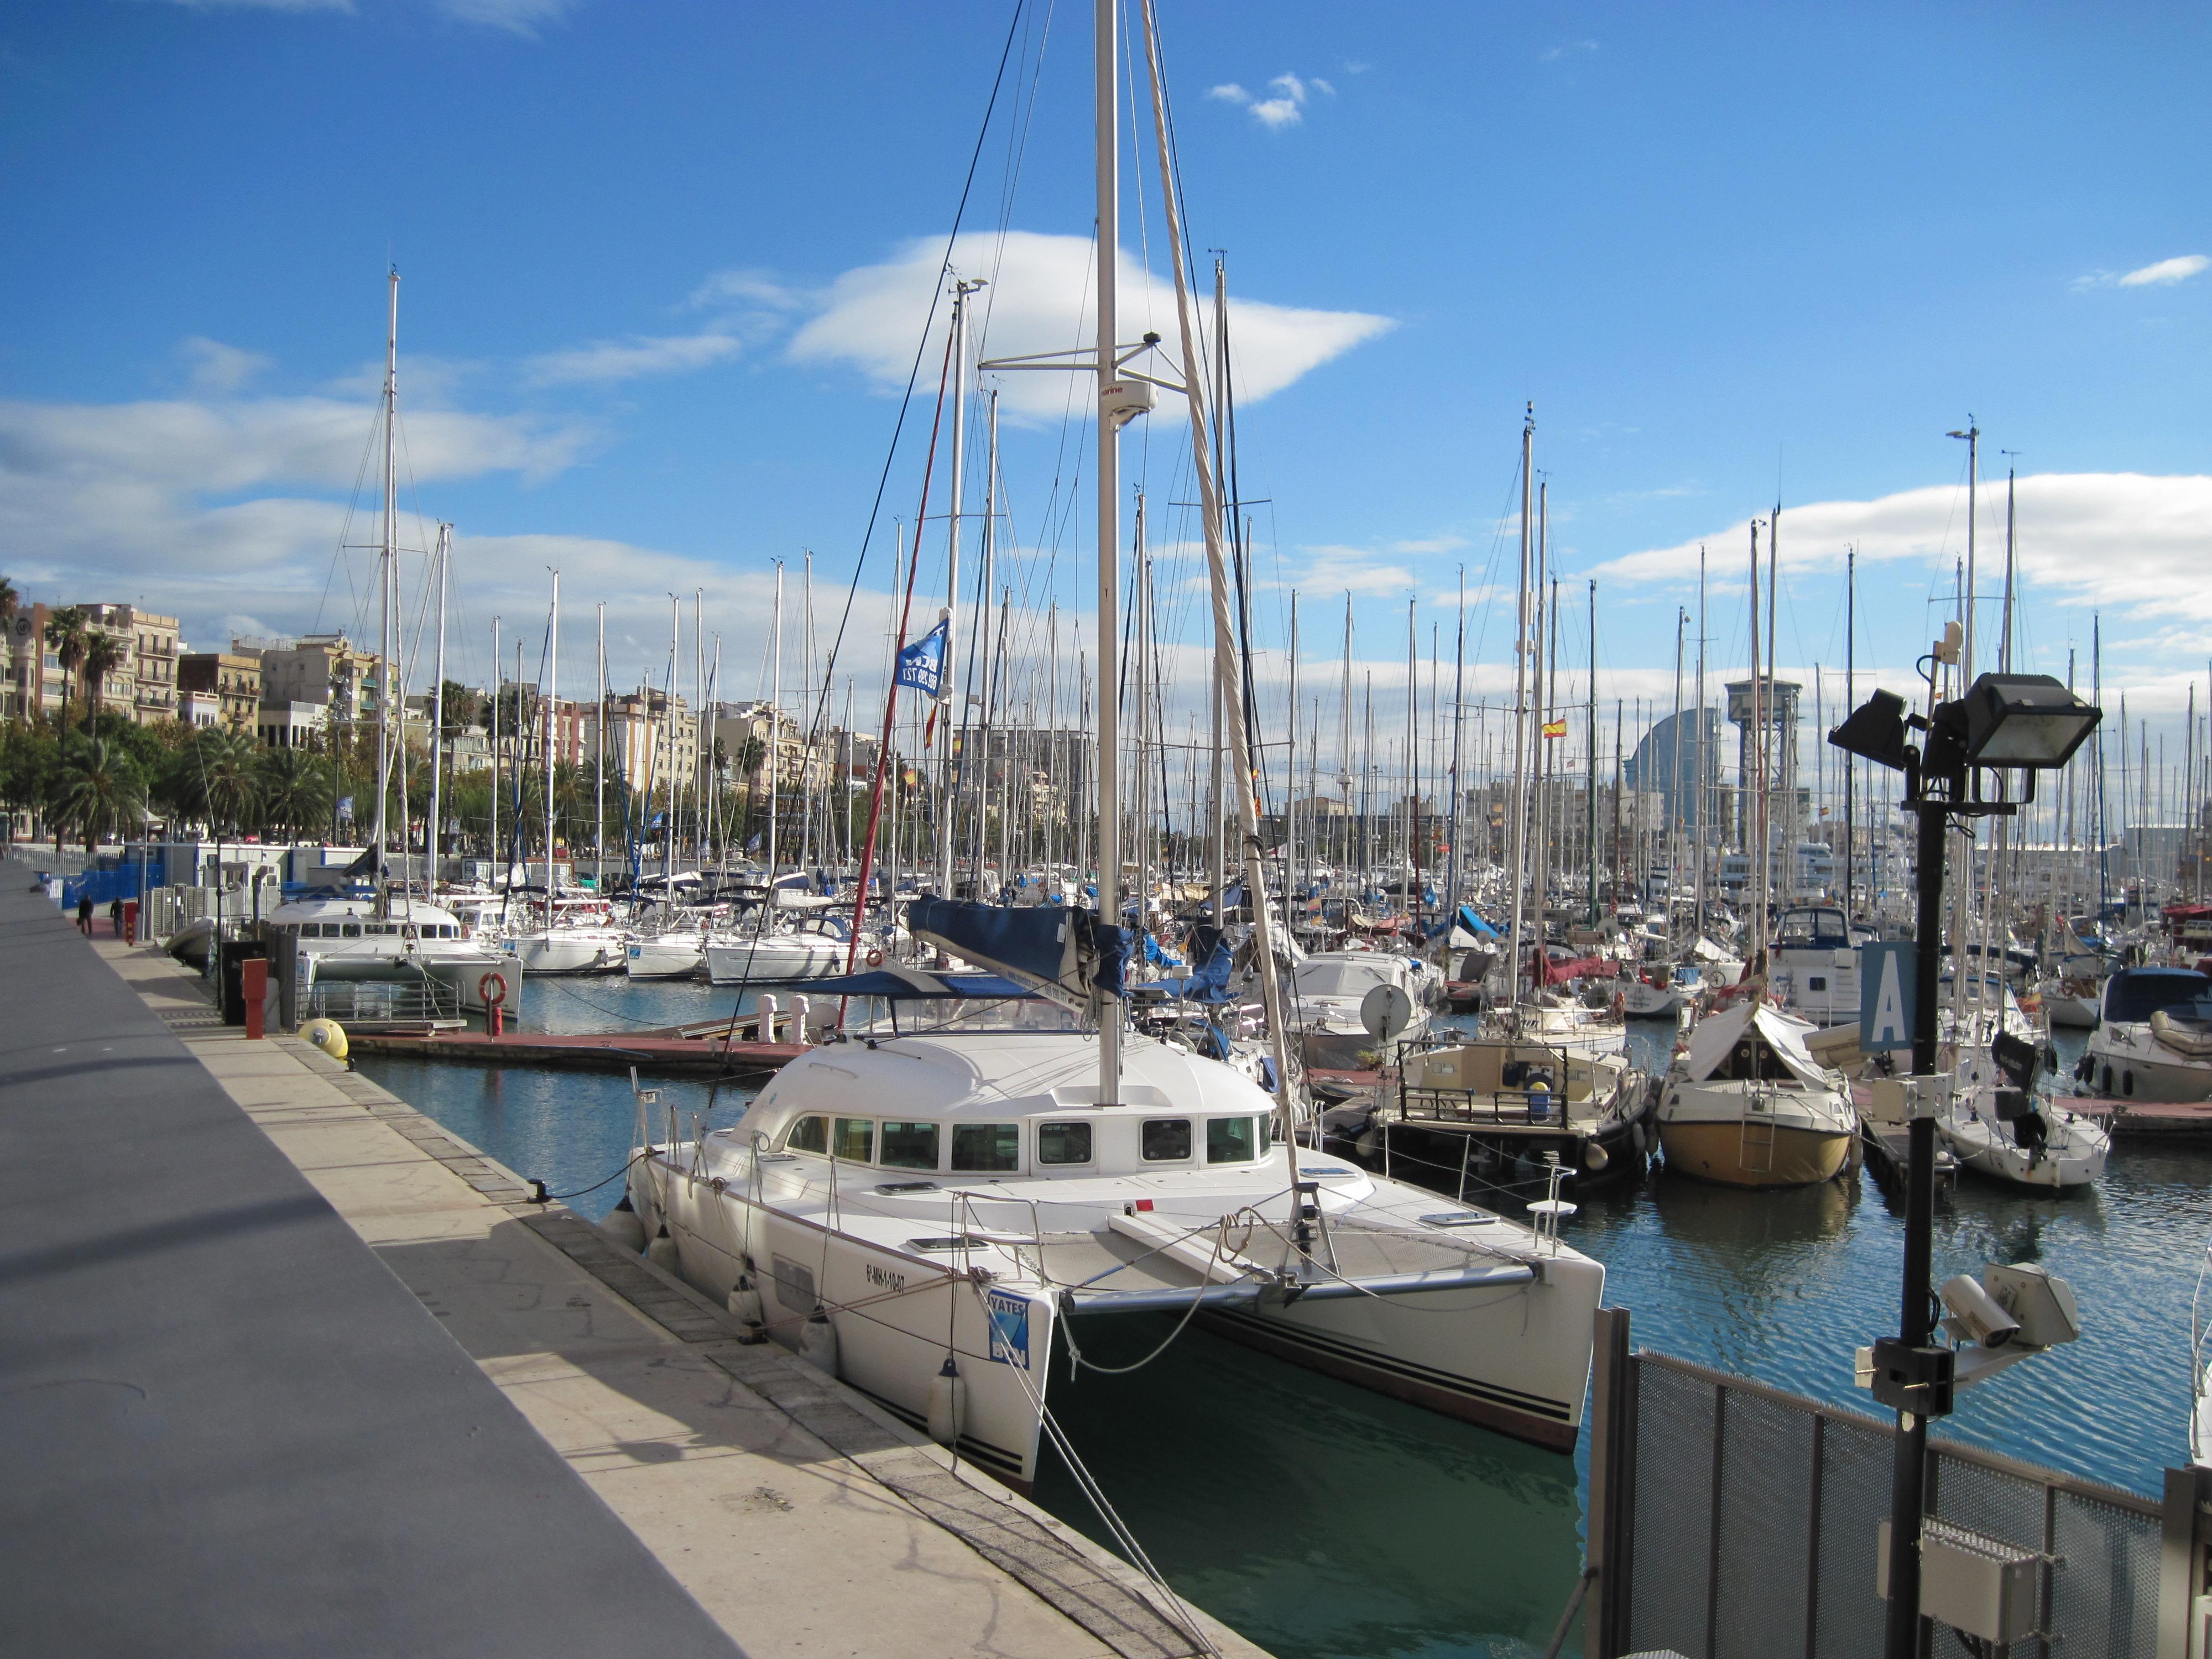 Yacht marina in barcelona, spain photo